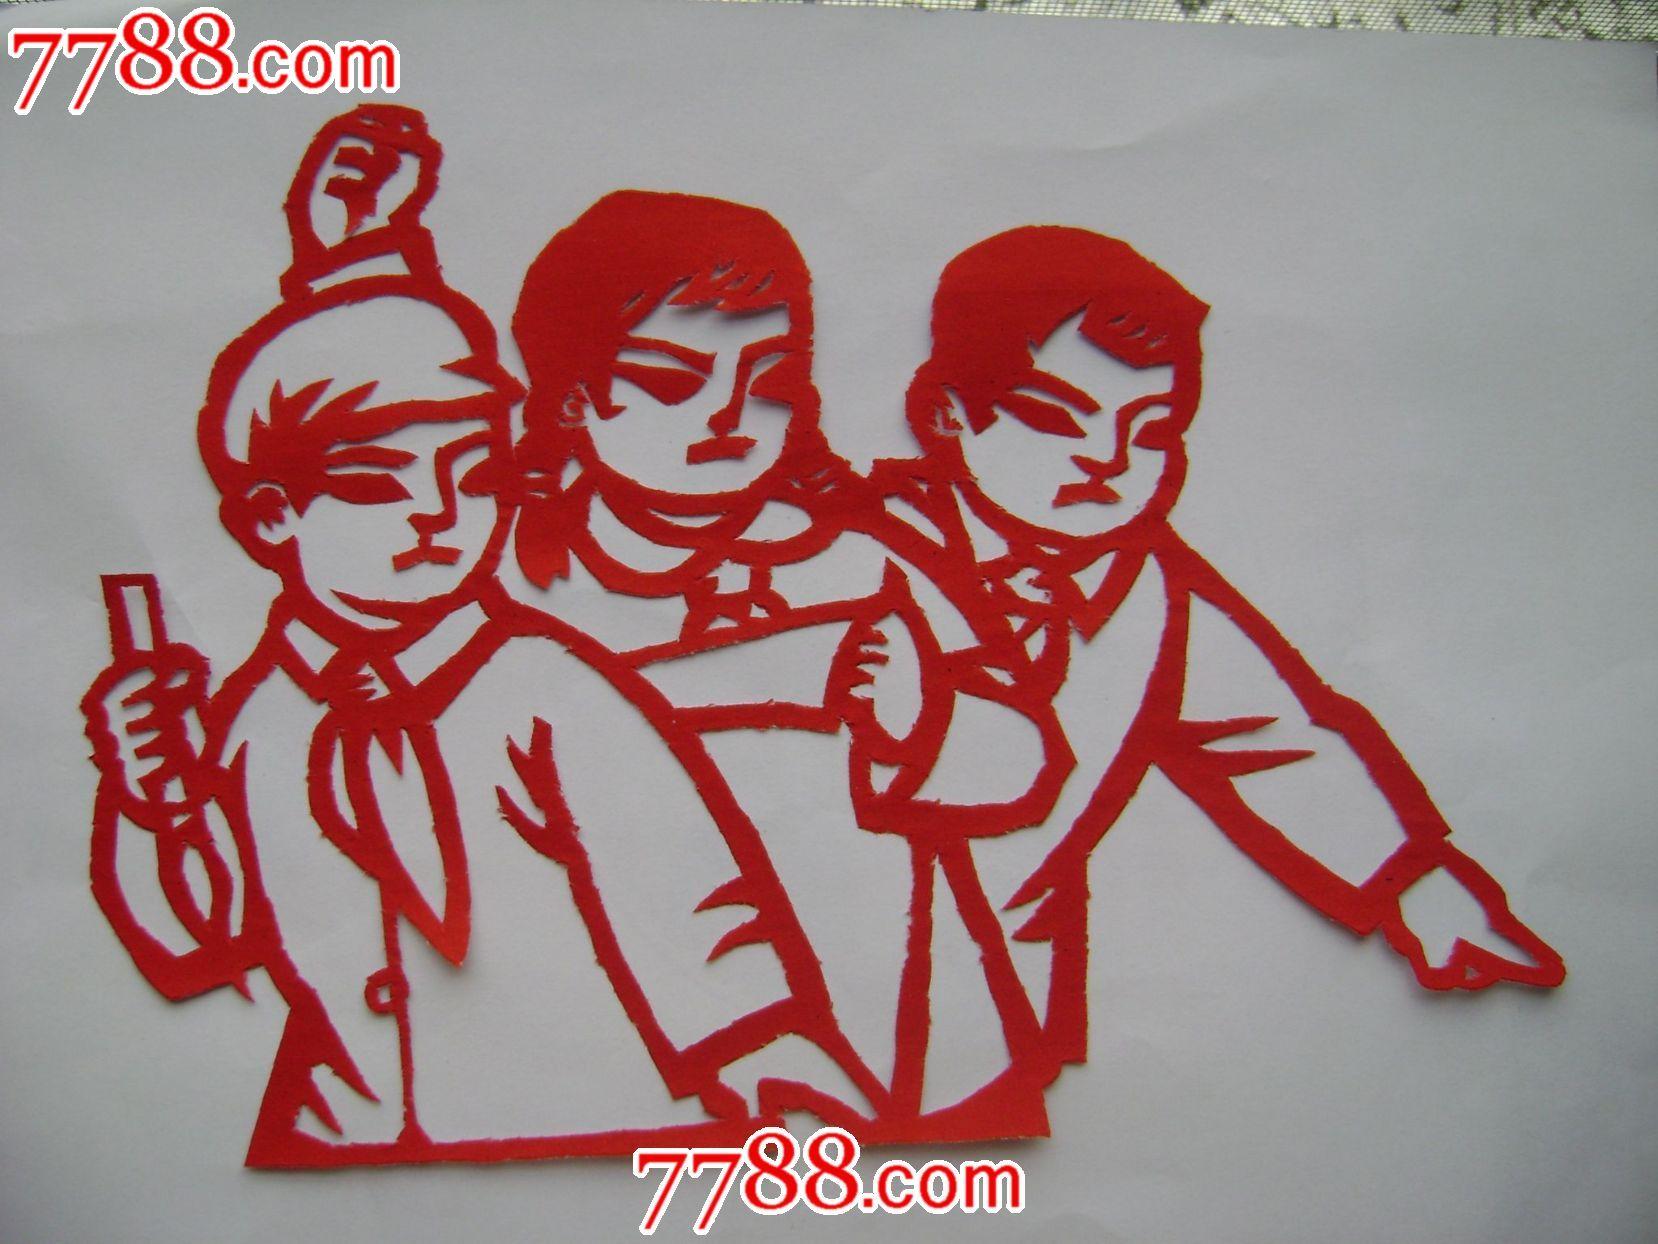 民间艺人纯手工制作红小兵剪纸一幅